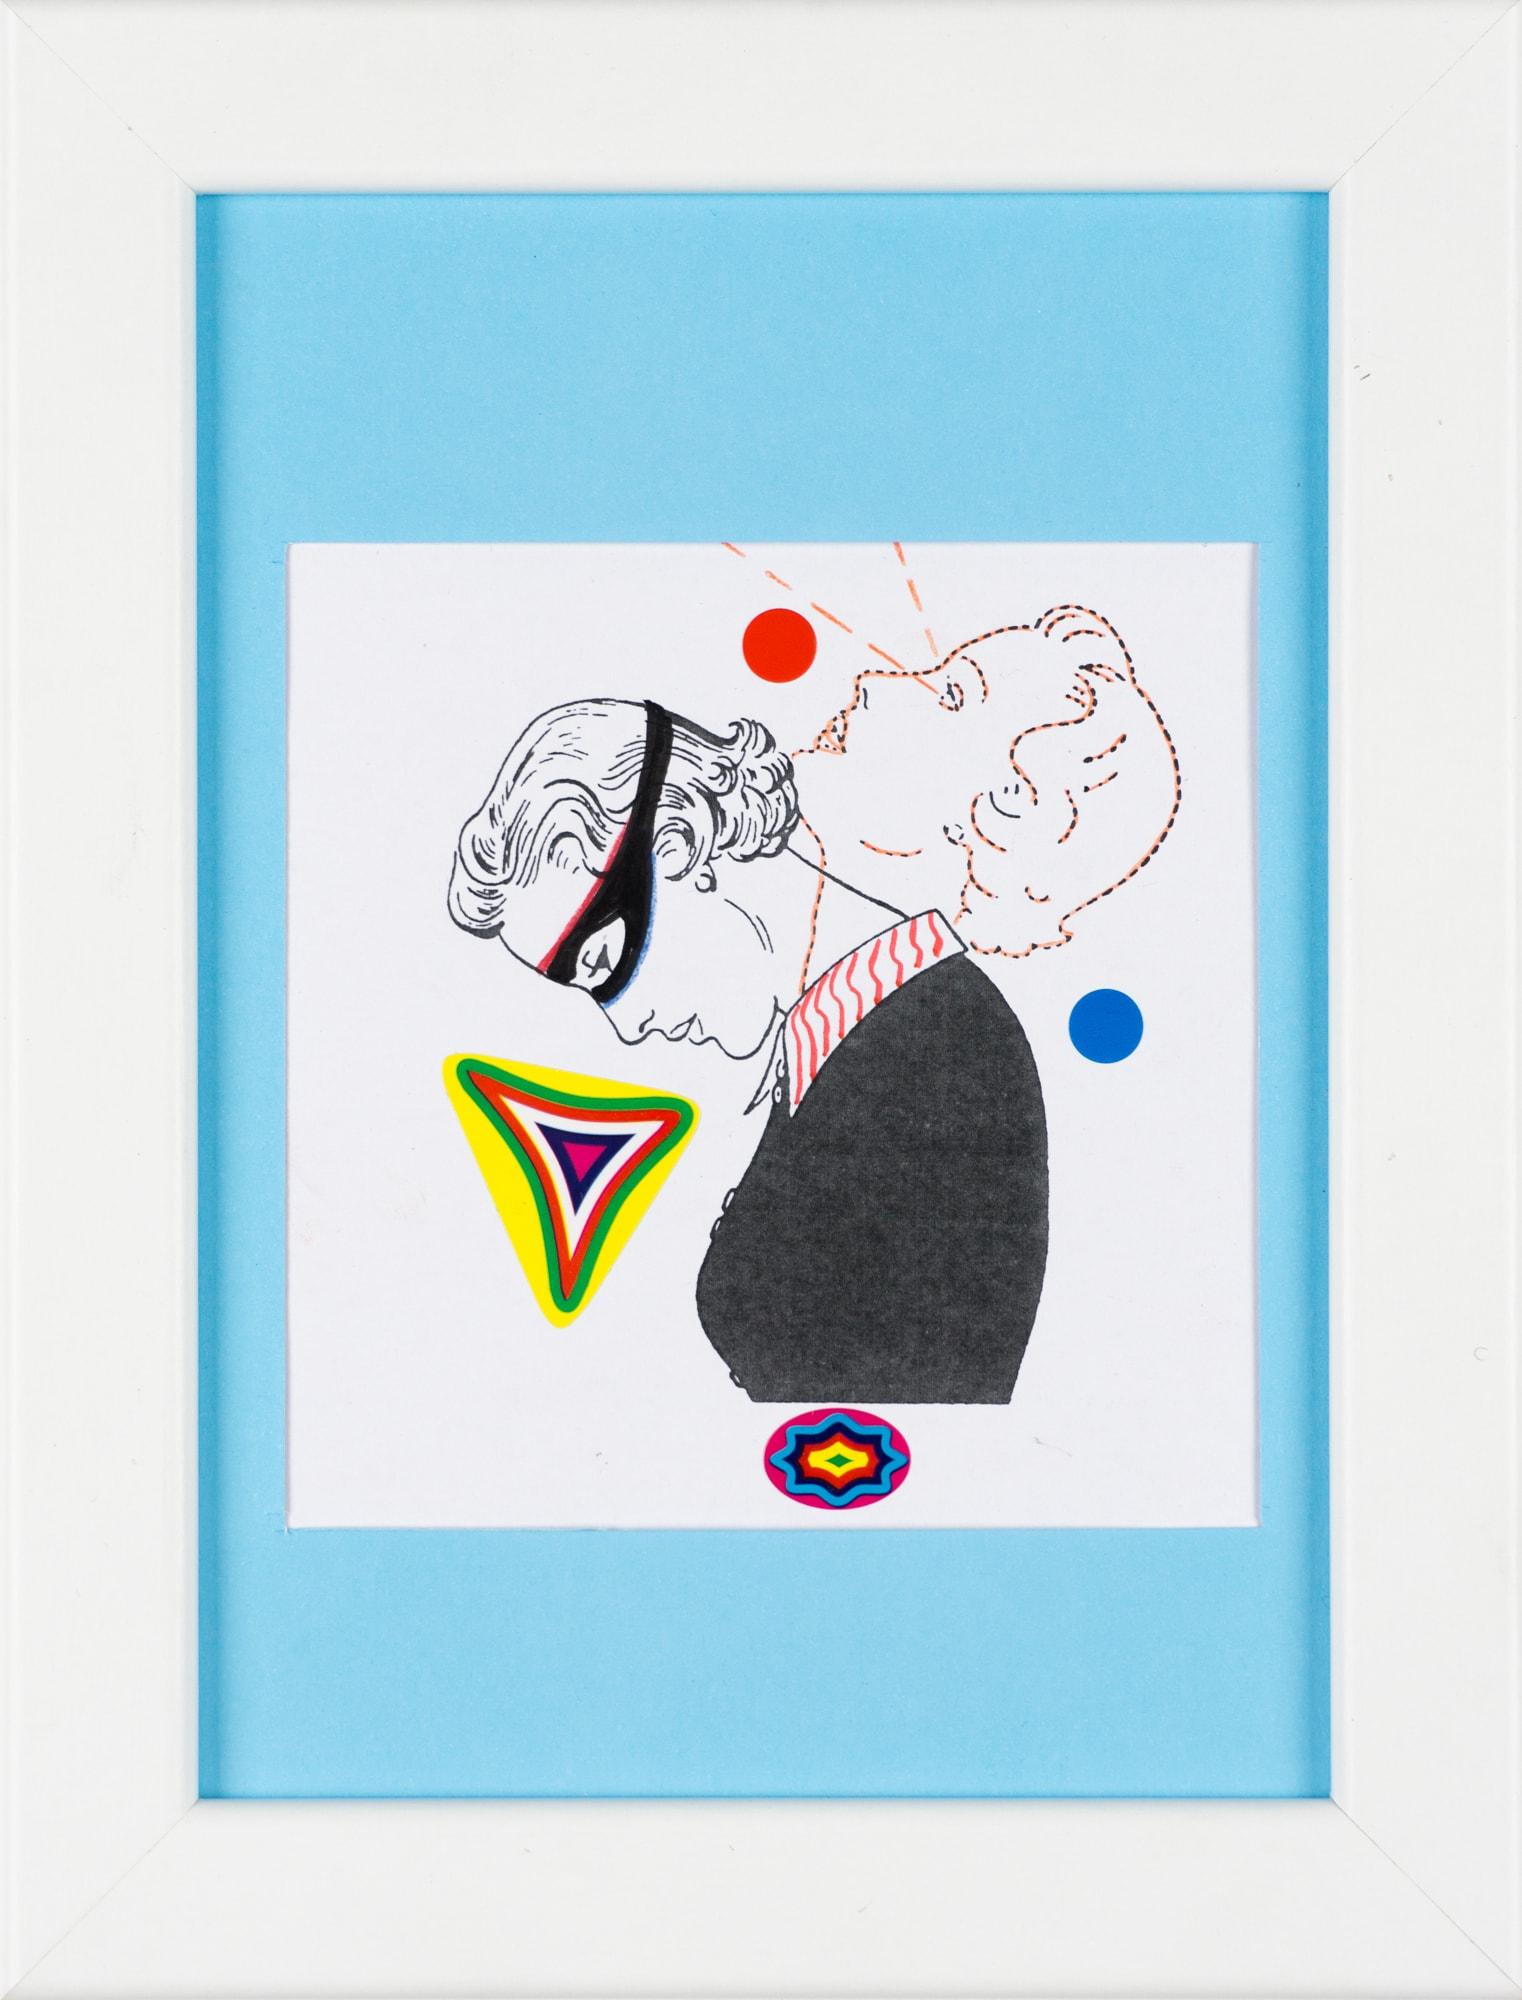 Übermalung und Mischtechnik auf Papier, 10,3x10,4cm, Originalgrafik zum gleichnamigen Booklet, Künstlerin: Franziska King